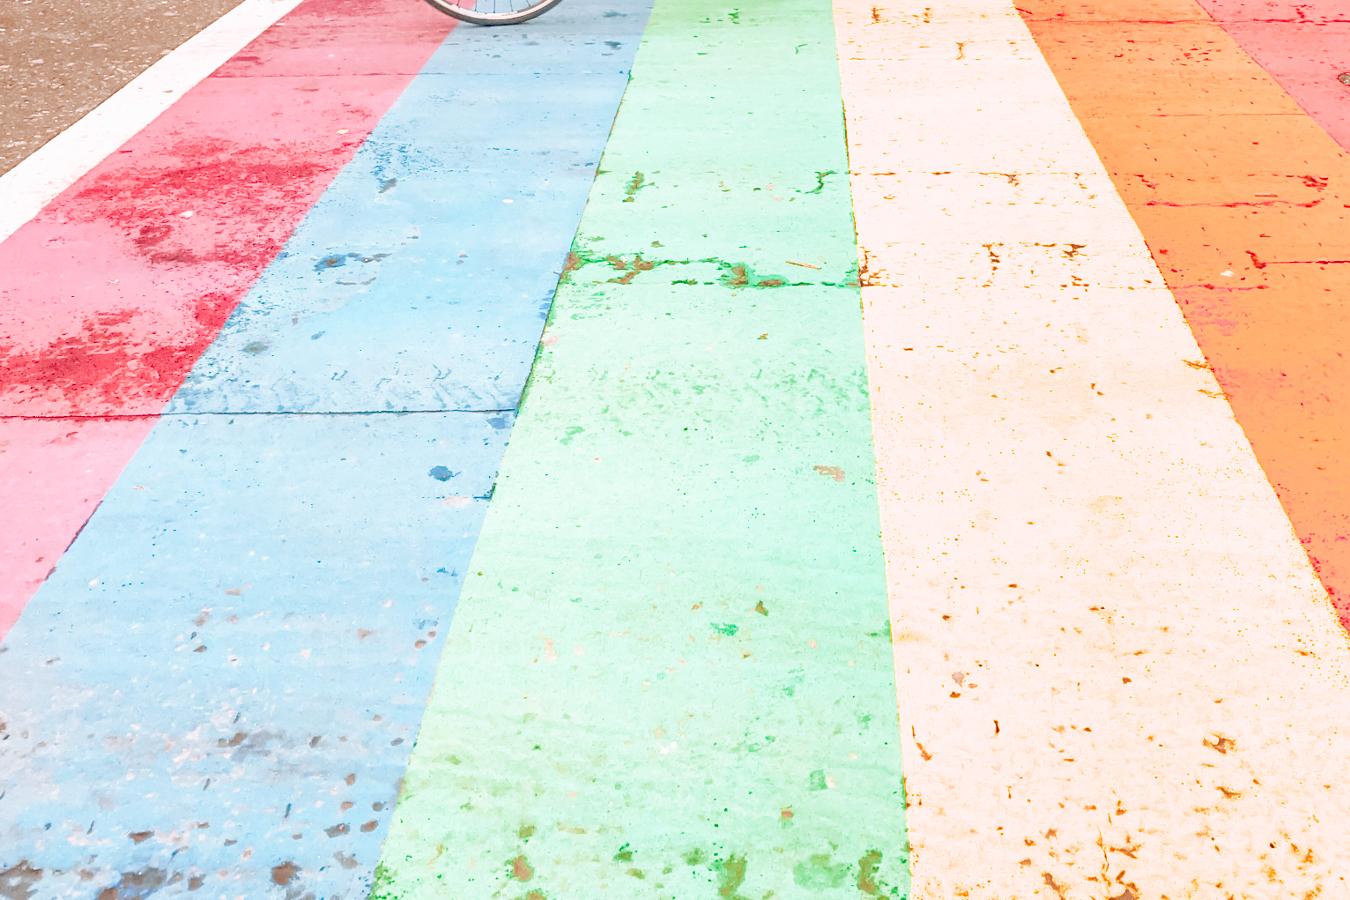 Rainbow crosswalk in Seattle